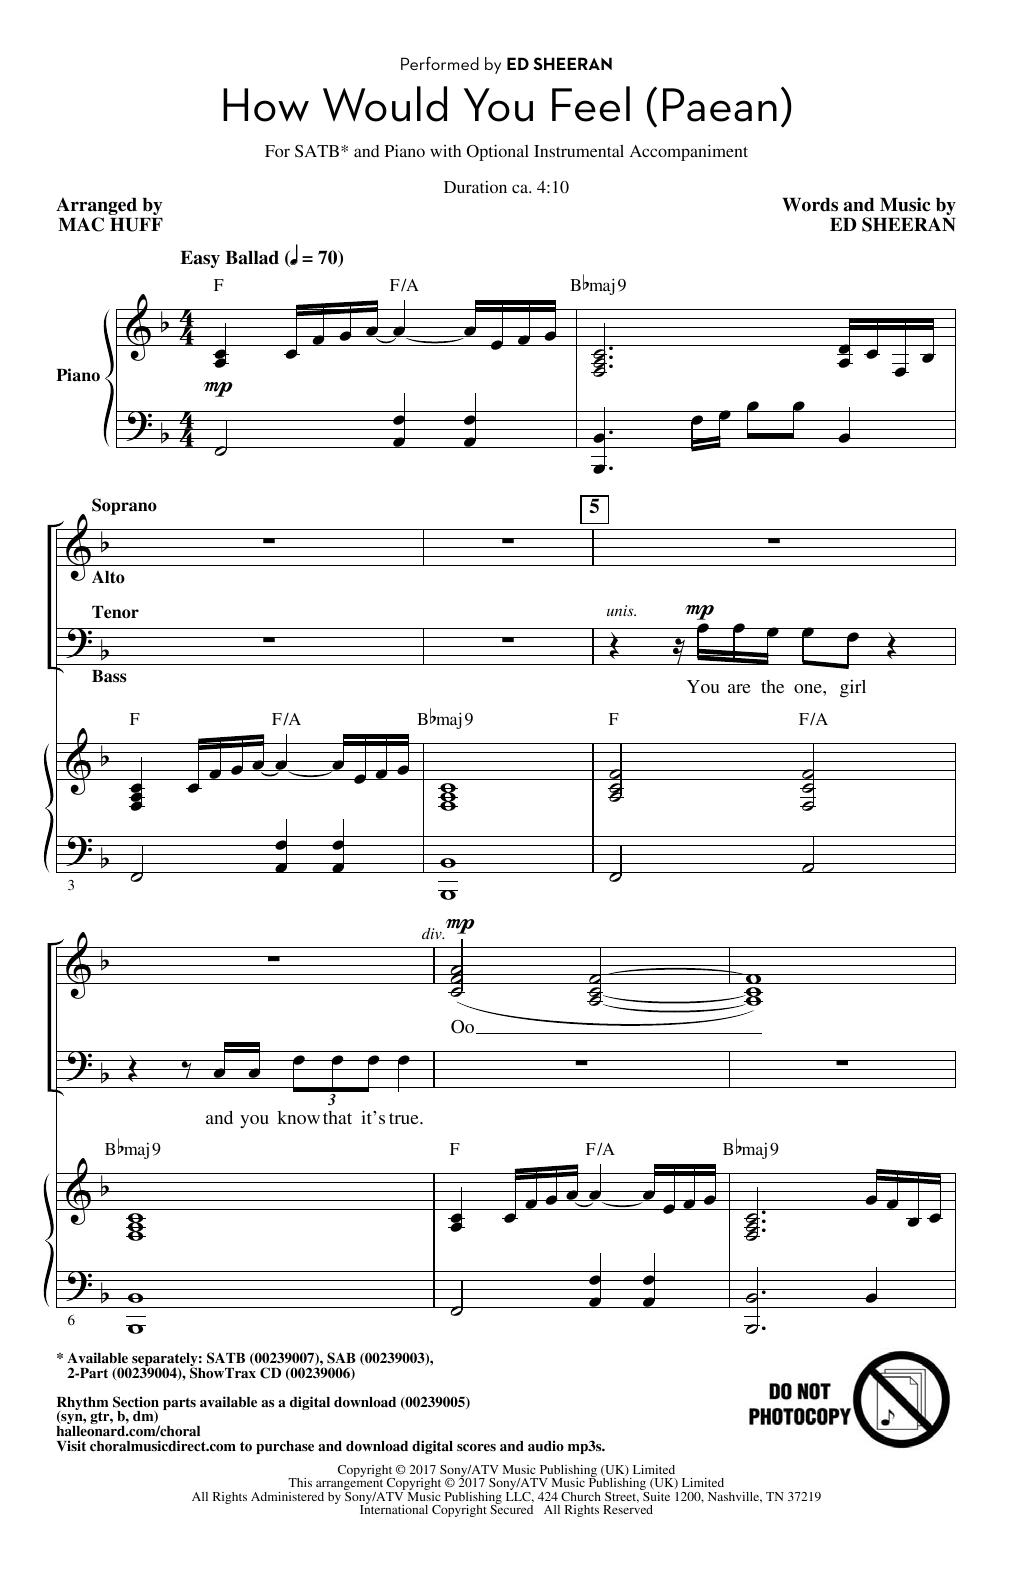 How Would You Feel (Paean) (arr. Mac Huff) (SATB Choir)